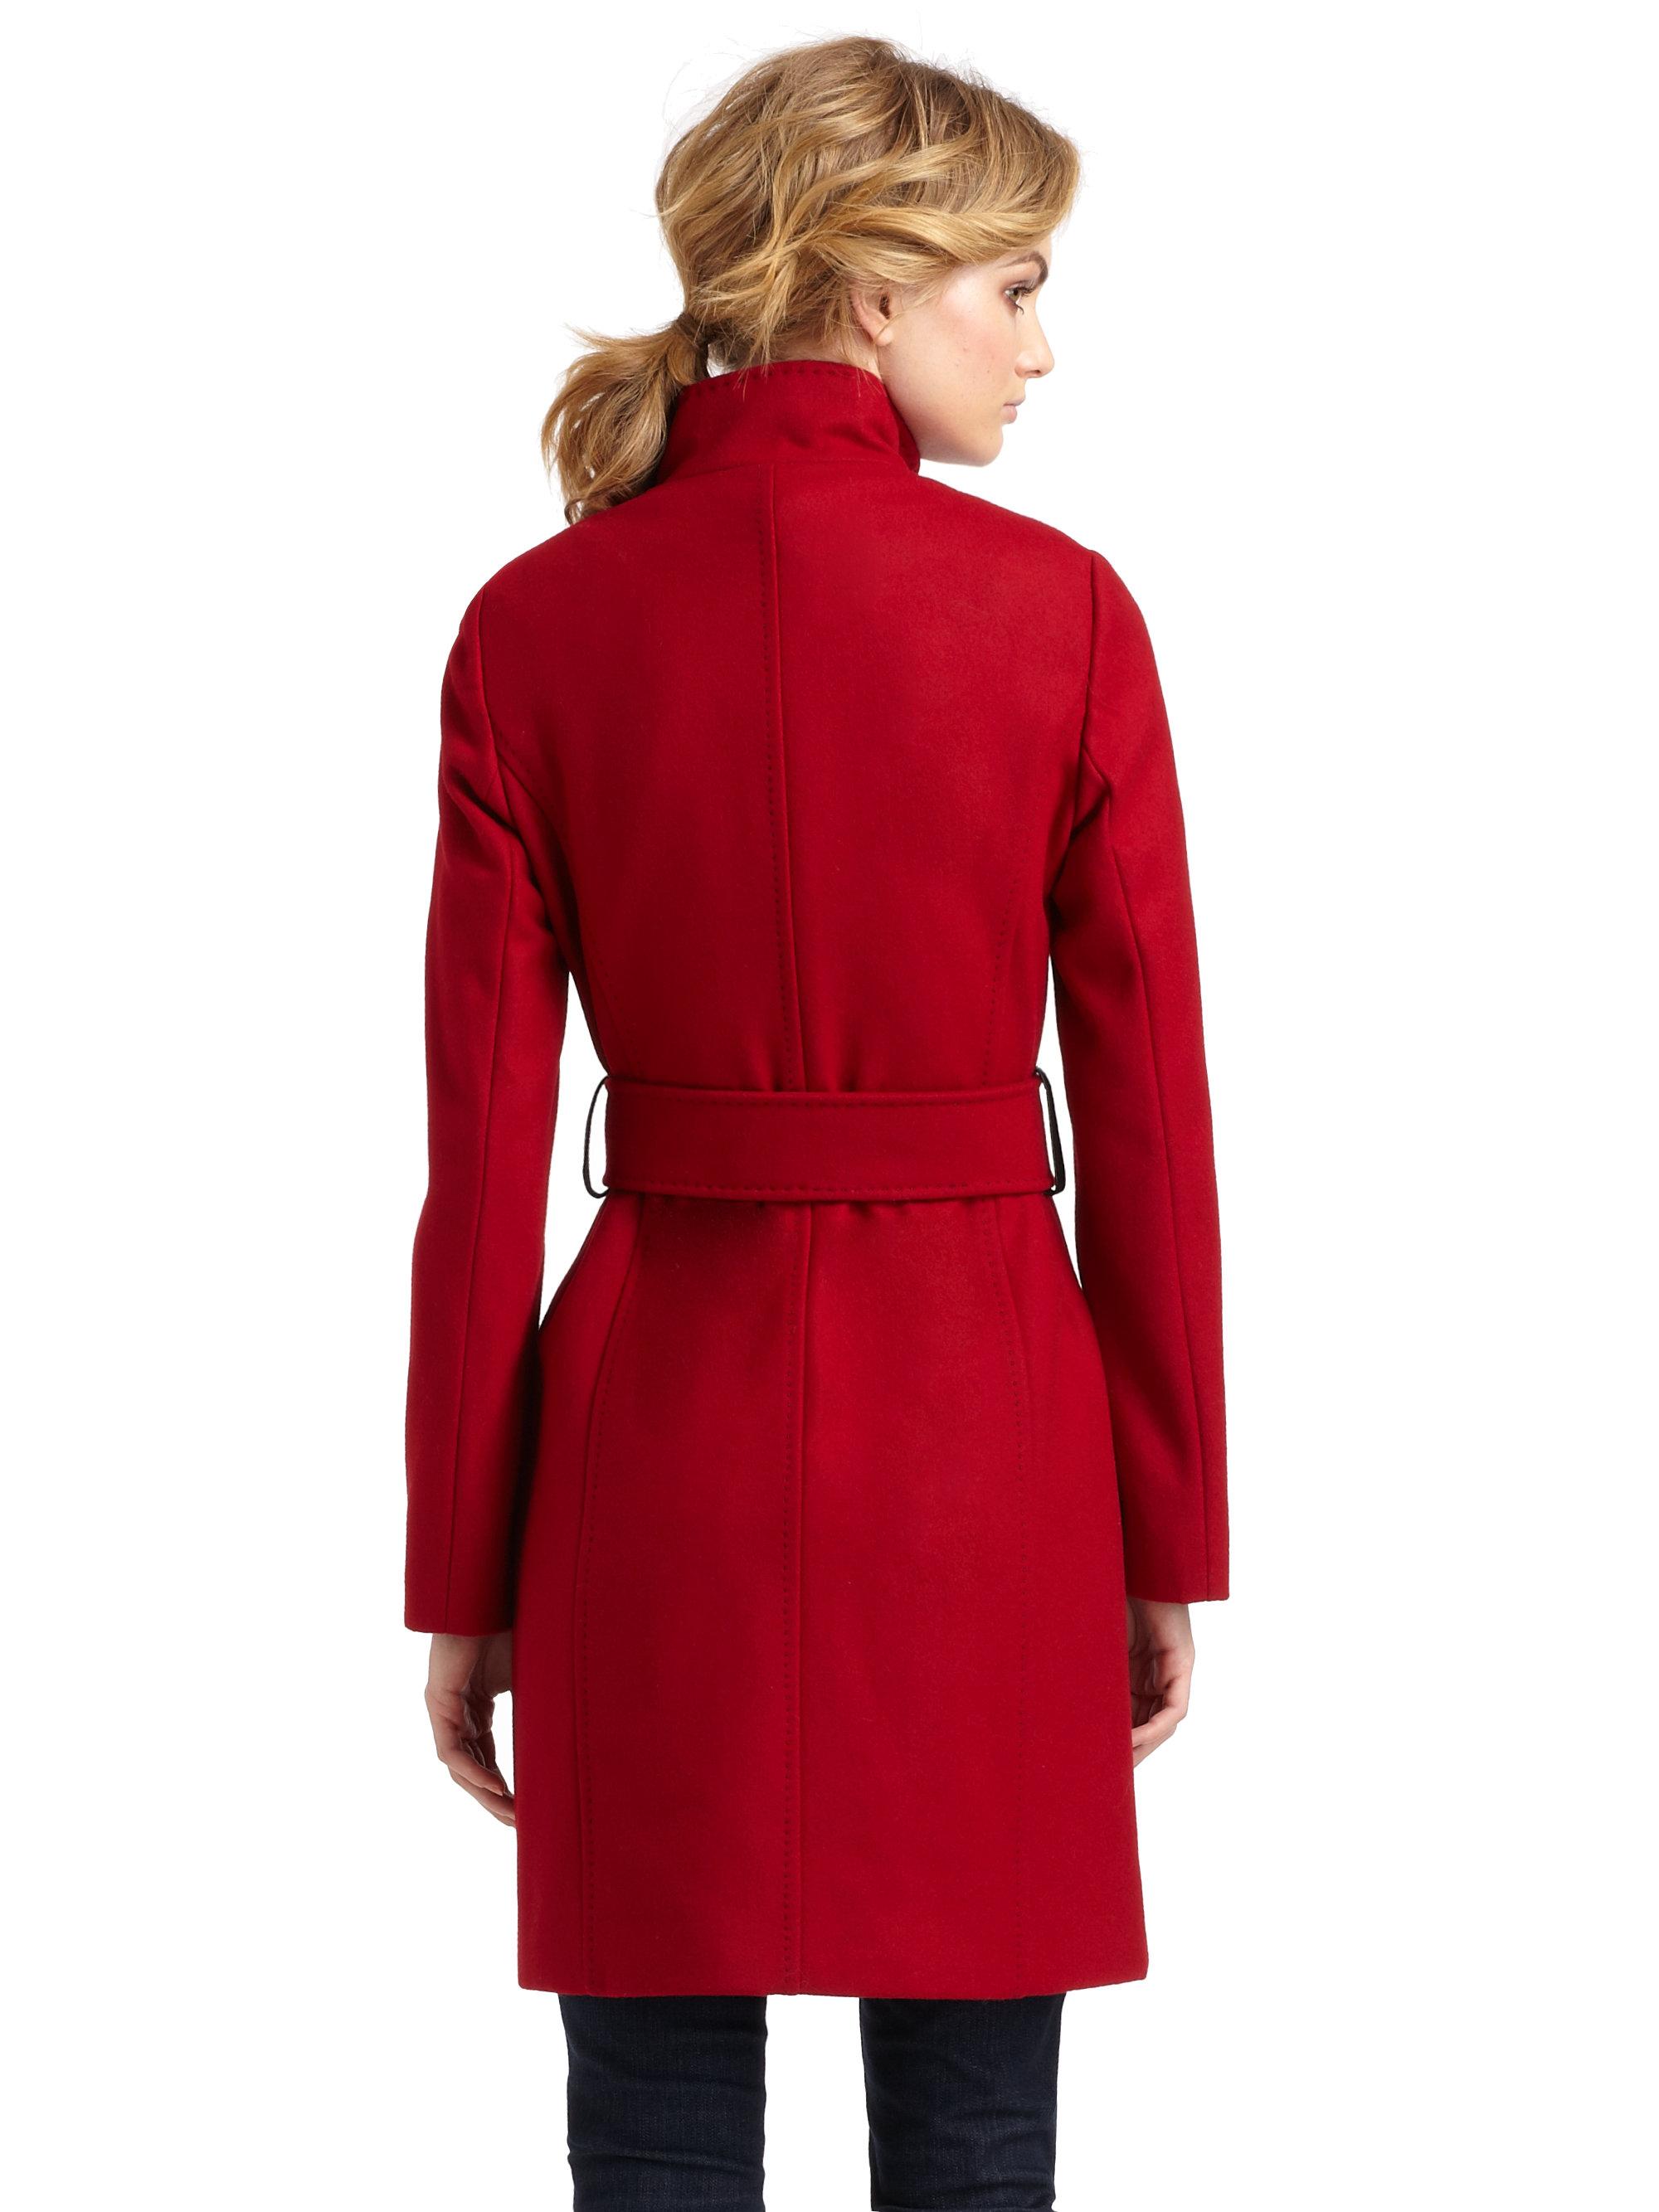 Via Spiga Stand Collar Coat In Red Lyst